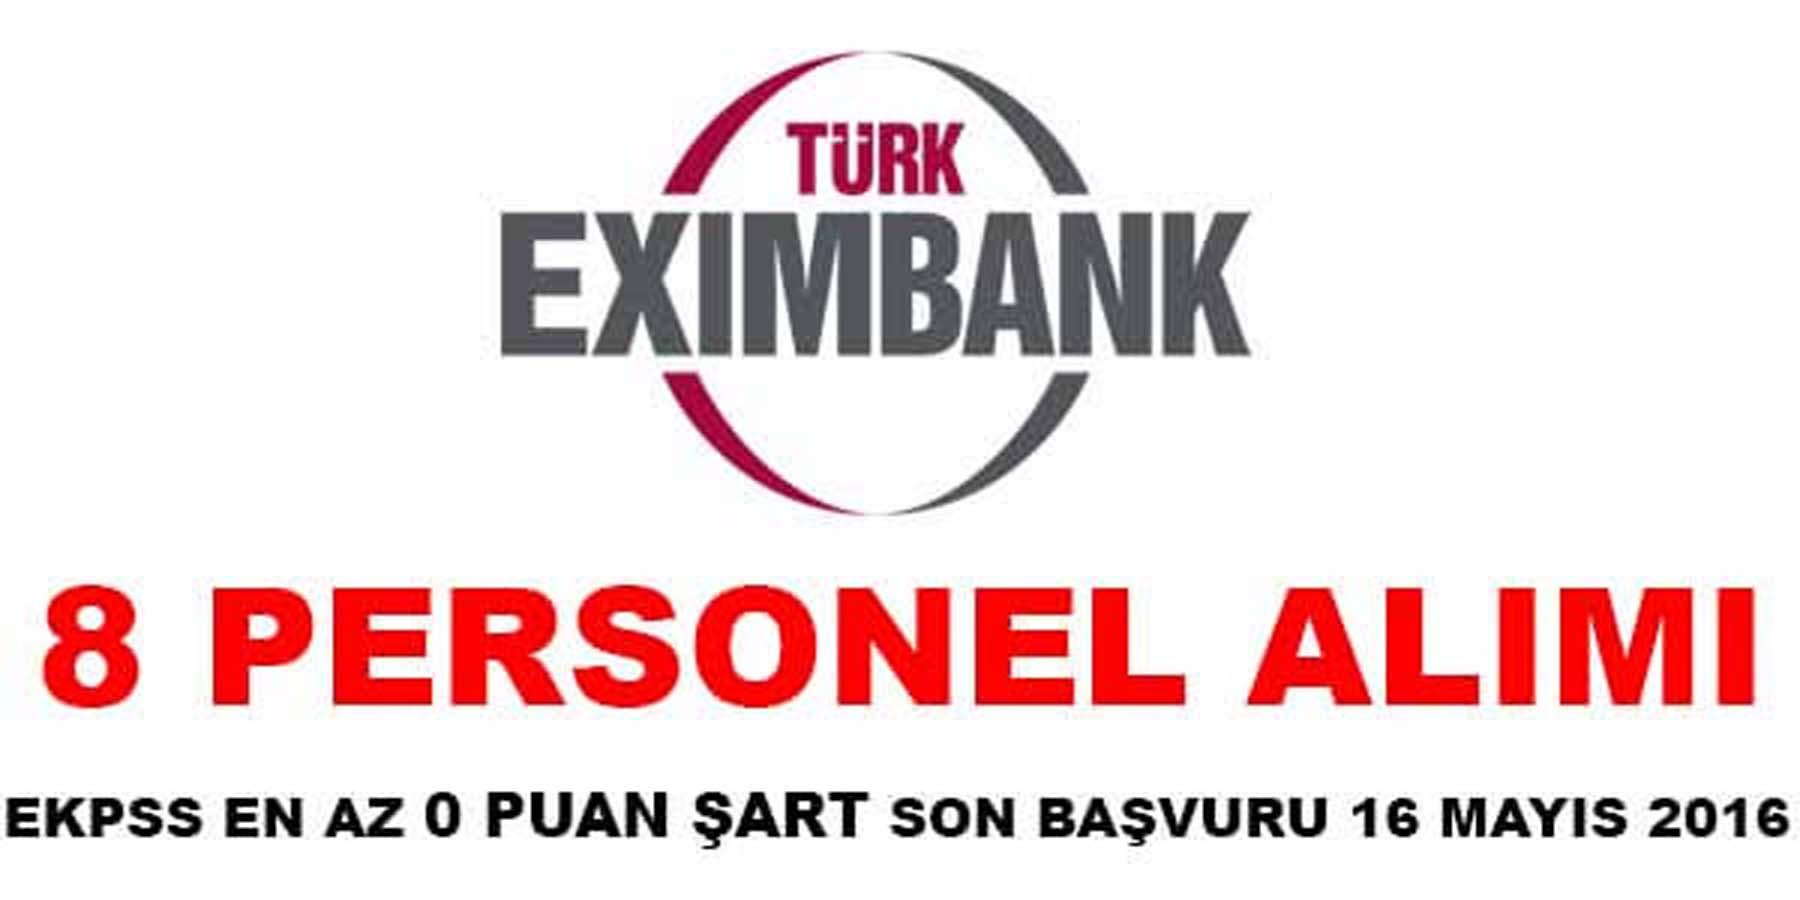 Türk Eximbank Personel Alımı